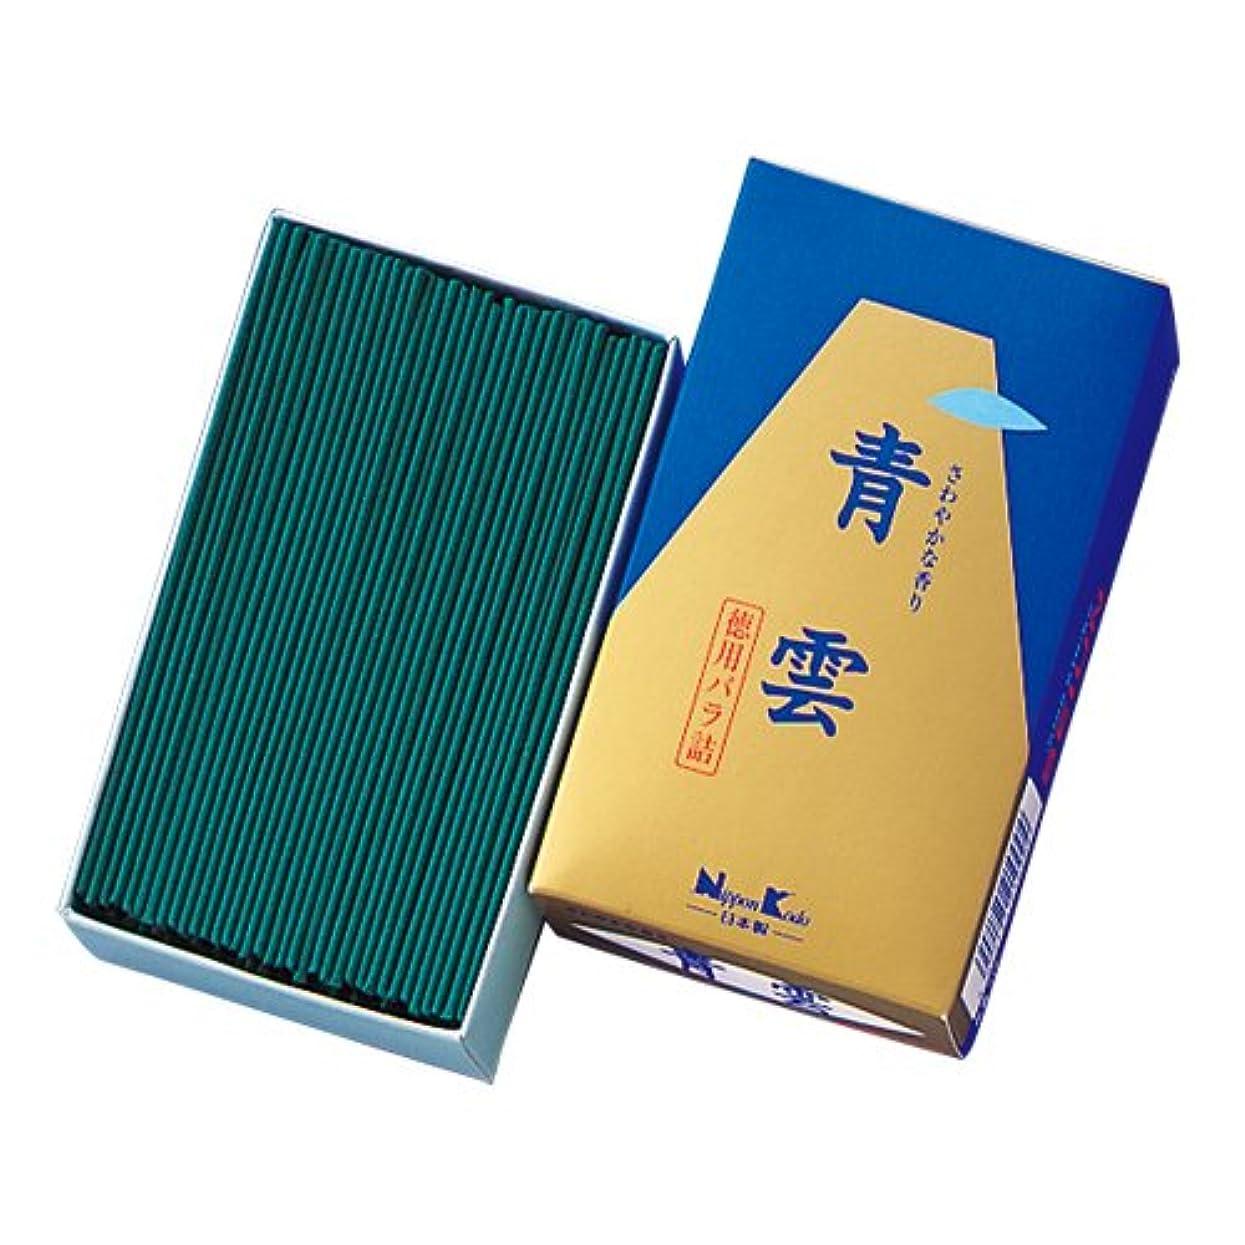 収穫乗算分注する青雲 徳用バラ詰 (約157g)